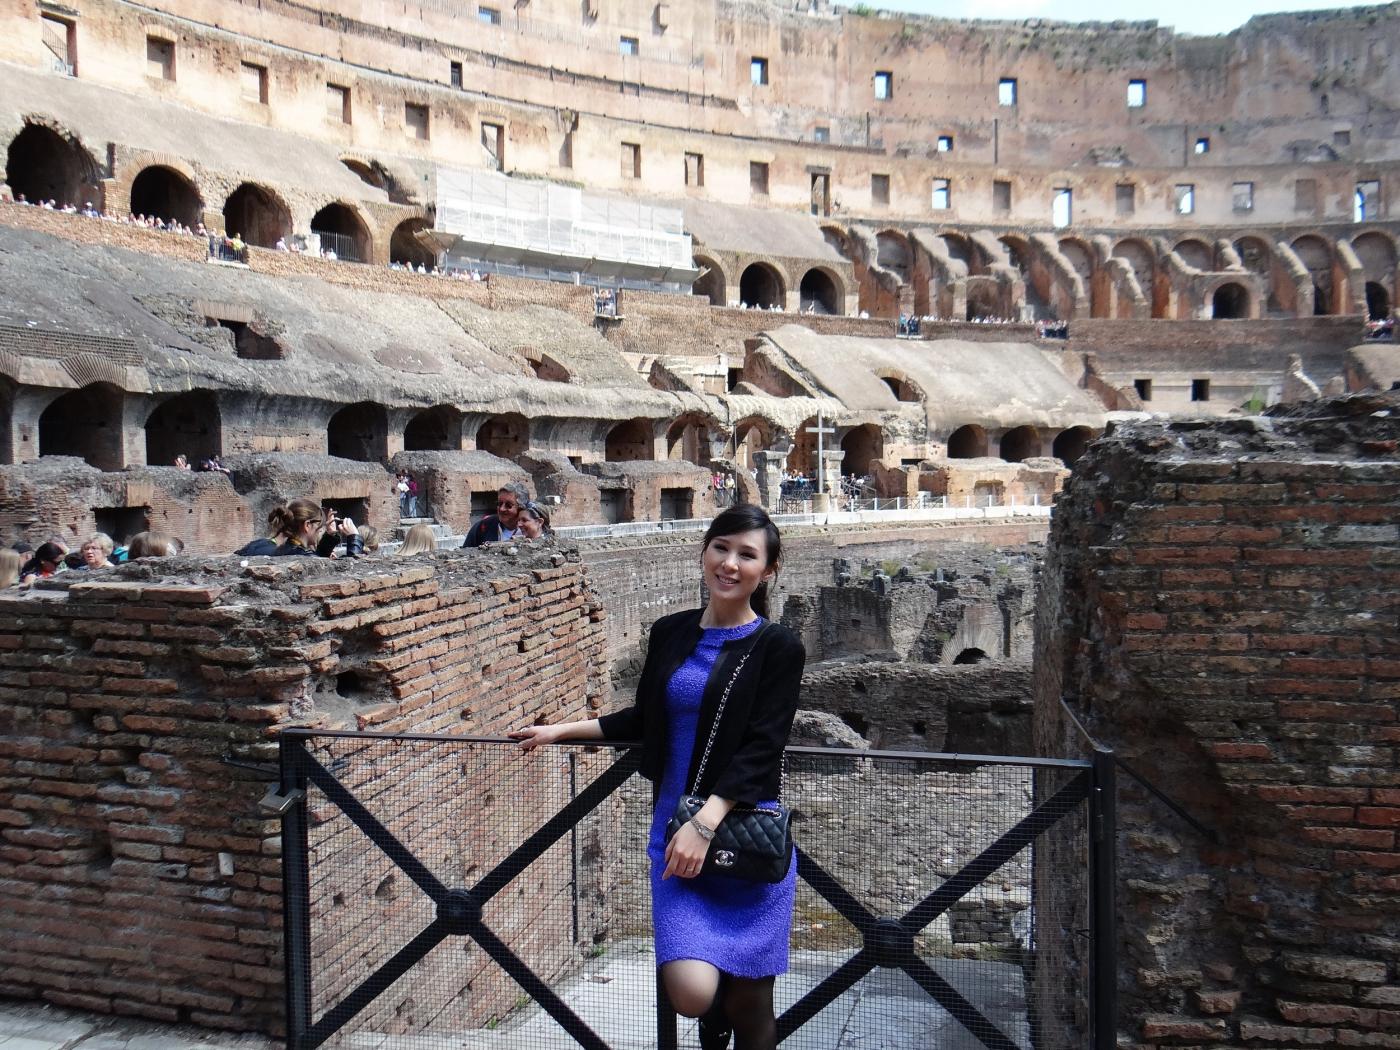 罗马假日_图1-14